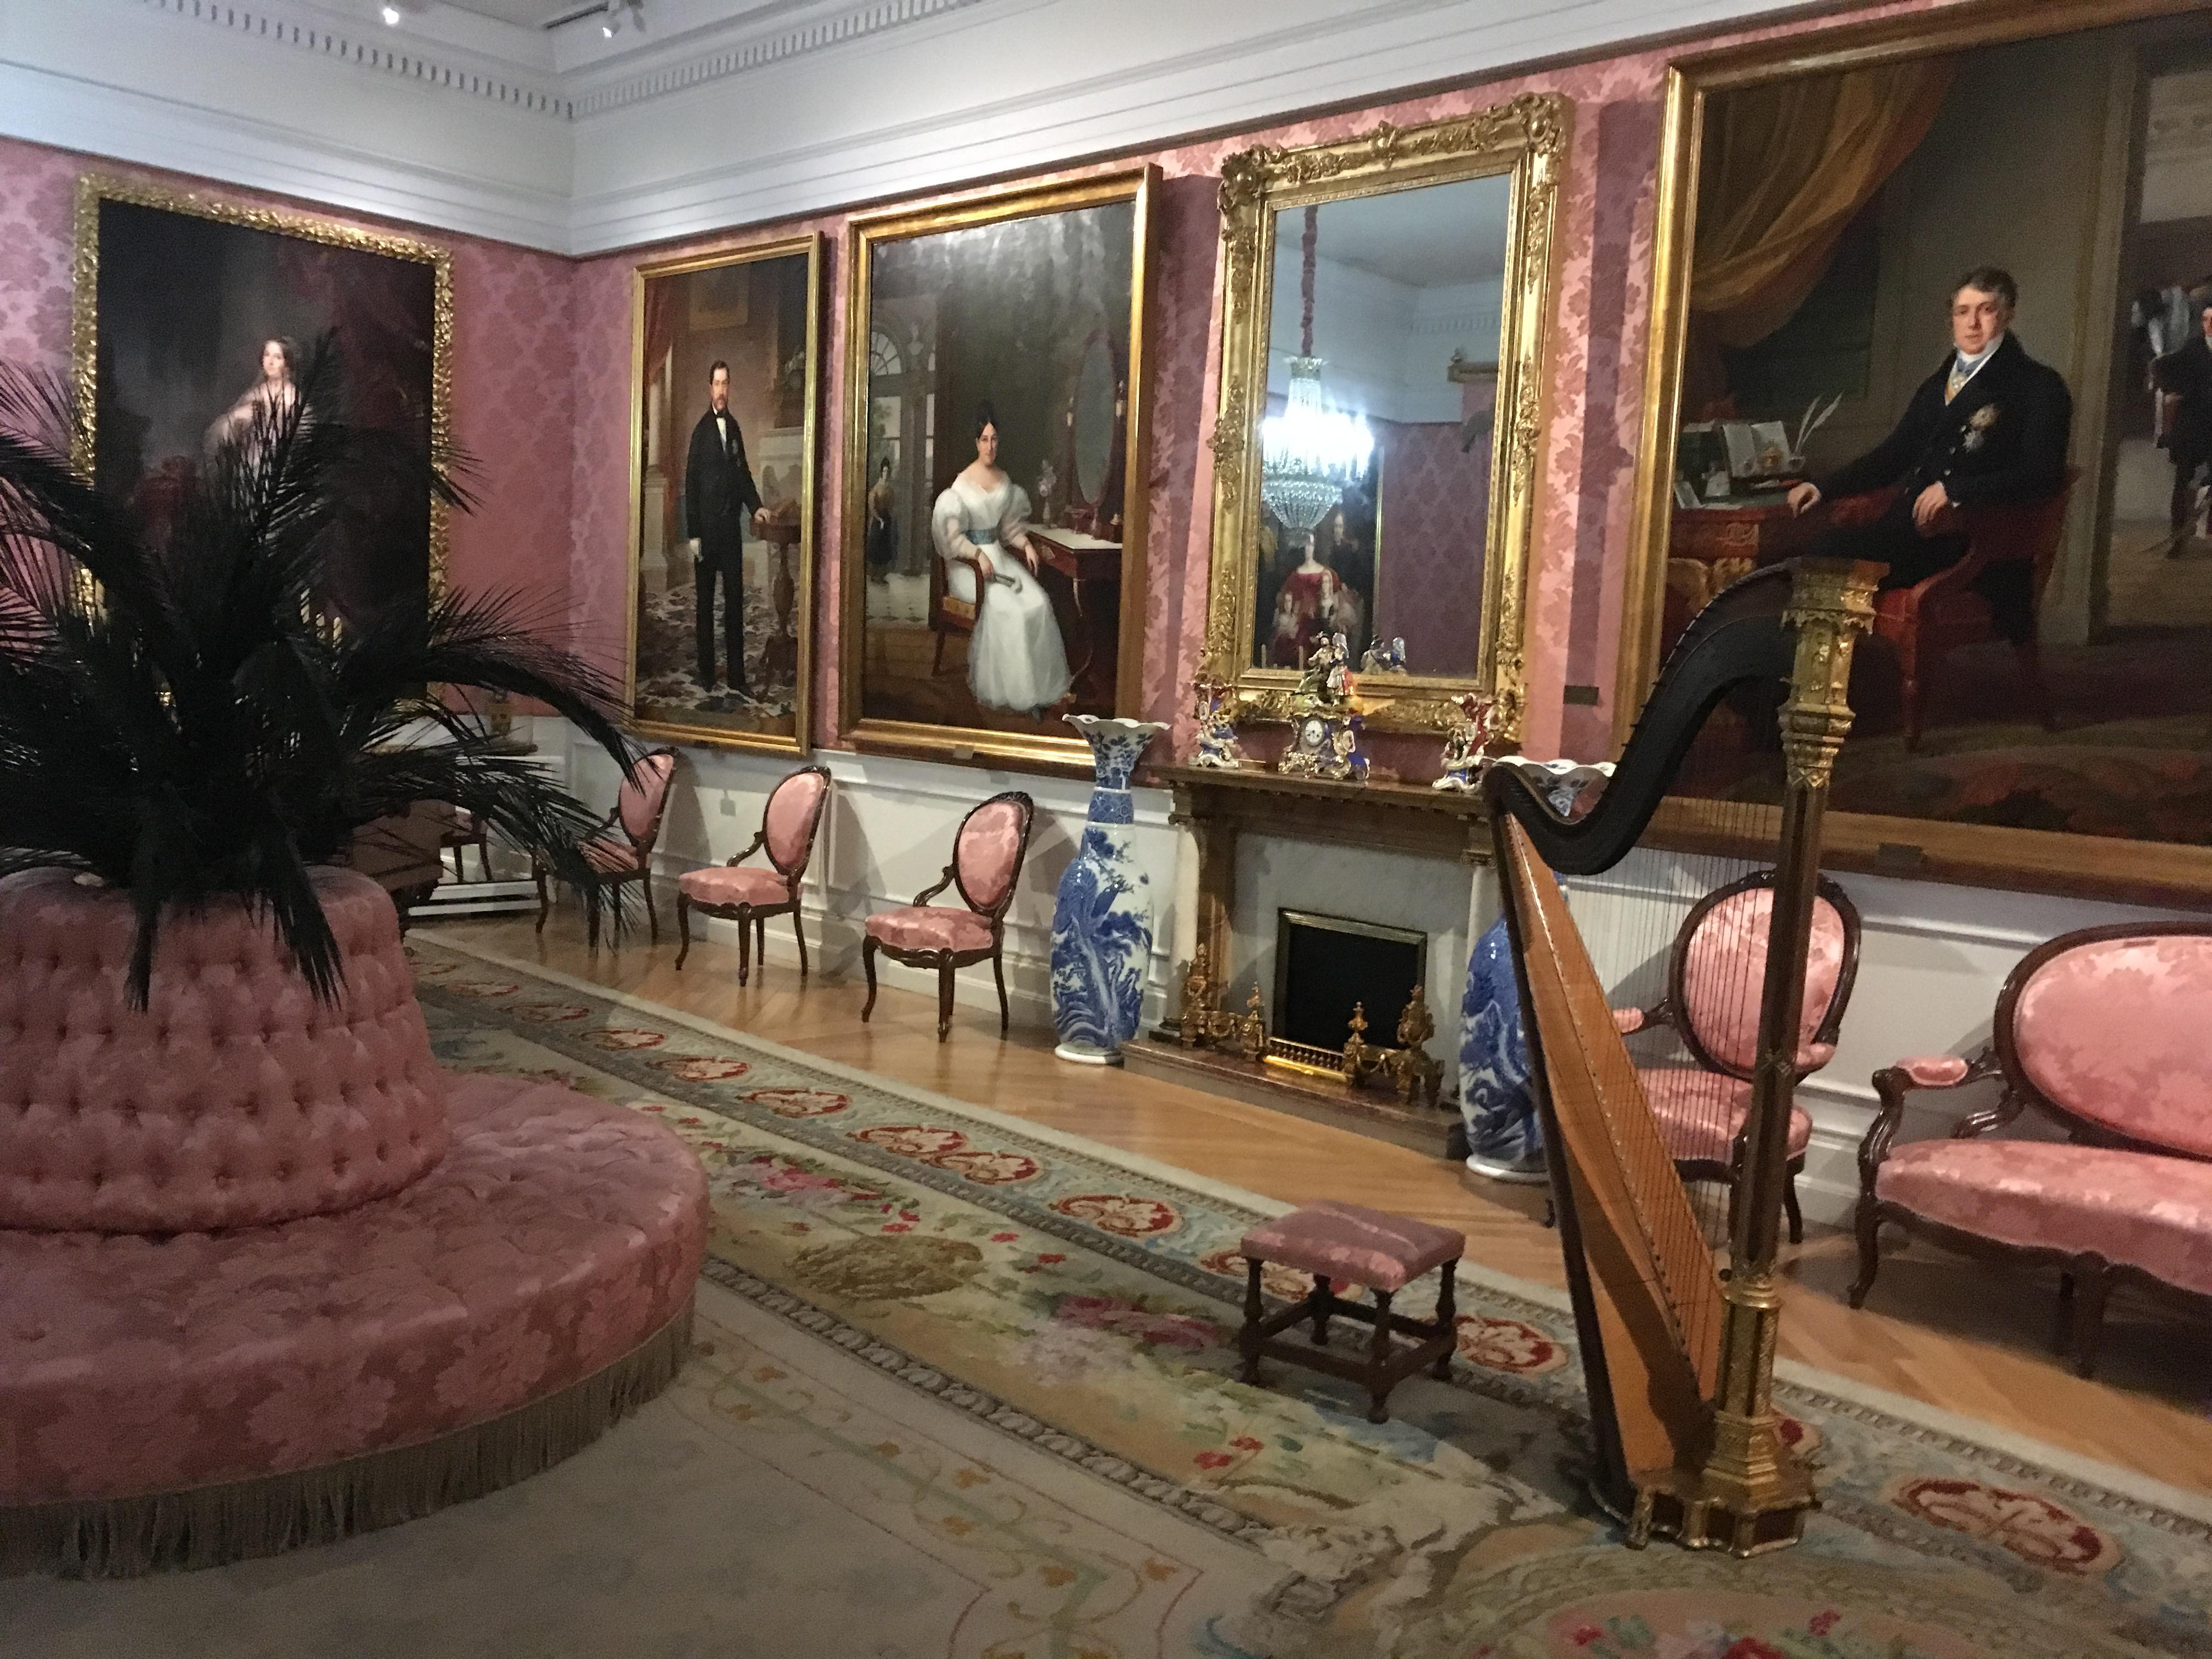 Museo Del Romanticismo Madrid.Archivo Museo Del Romanticismo De Madrid 1 Jpg Wikipedia La